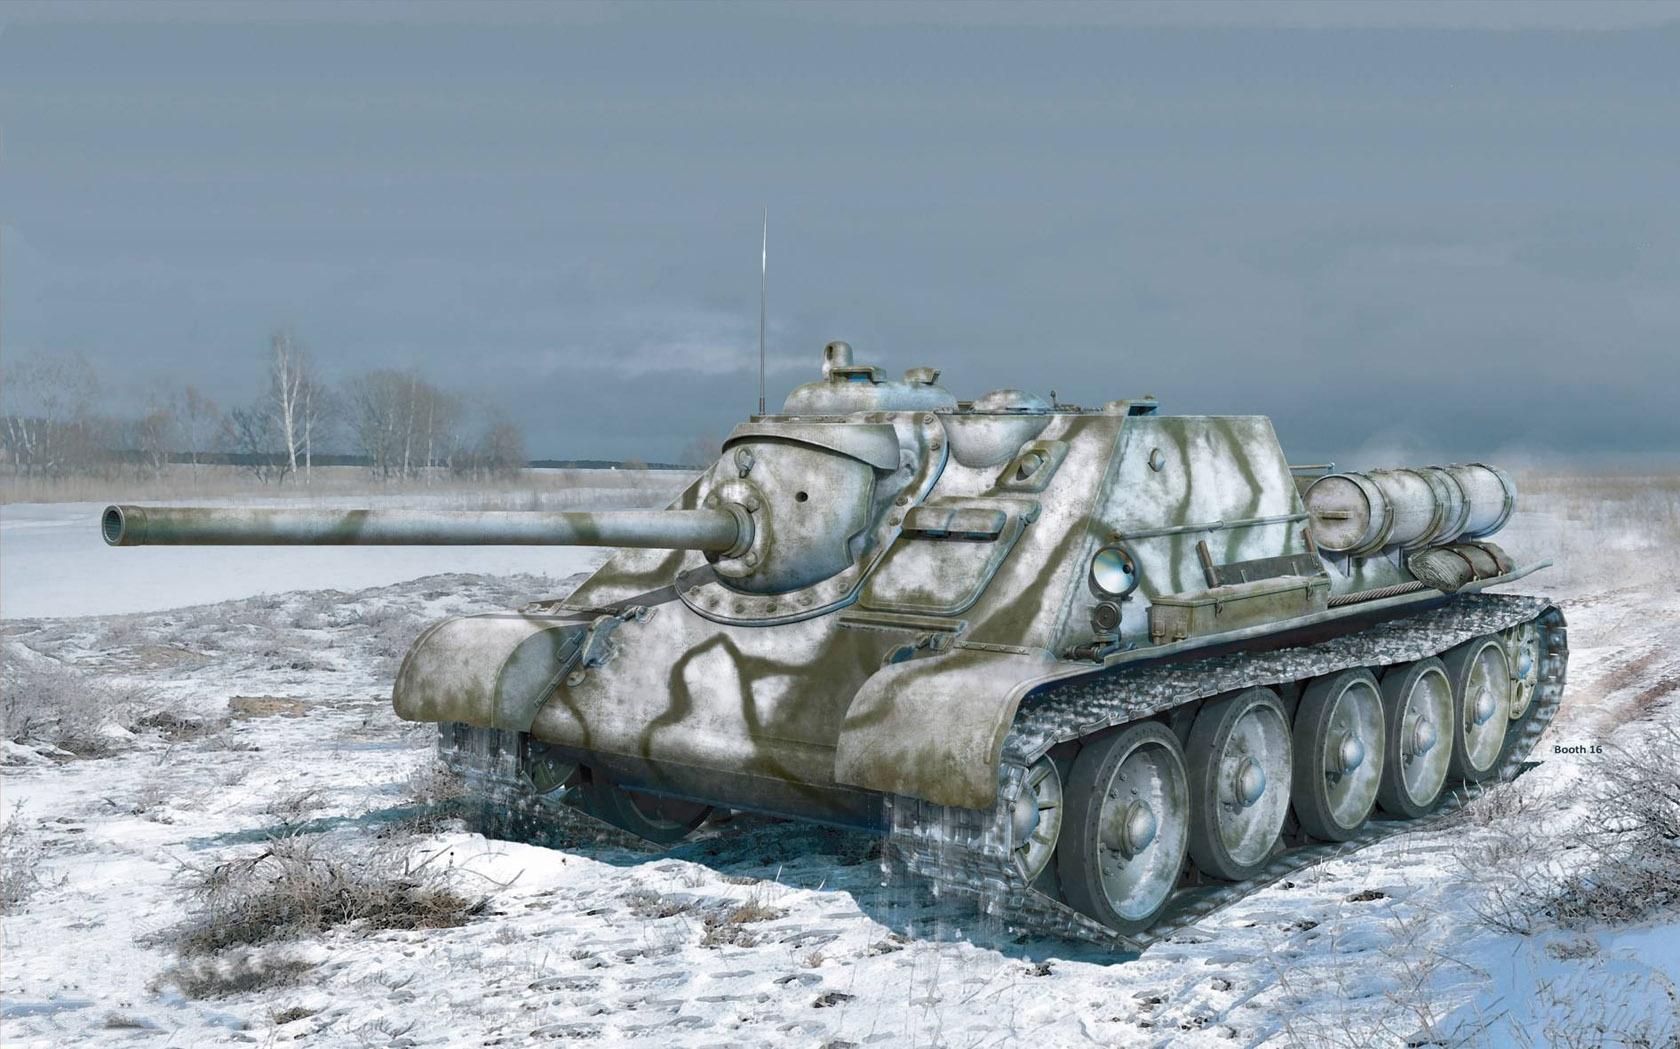 рисунок SU-85 Soviet SPG Mod. 1943 (Early Production)